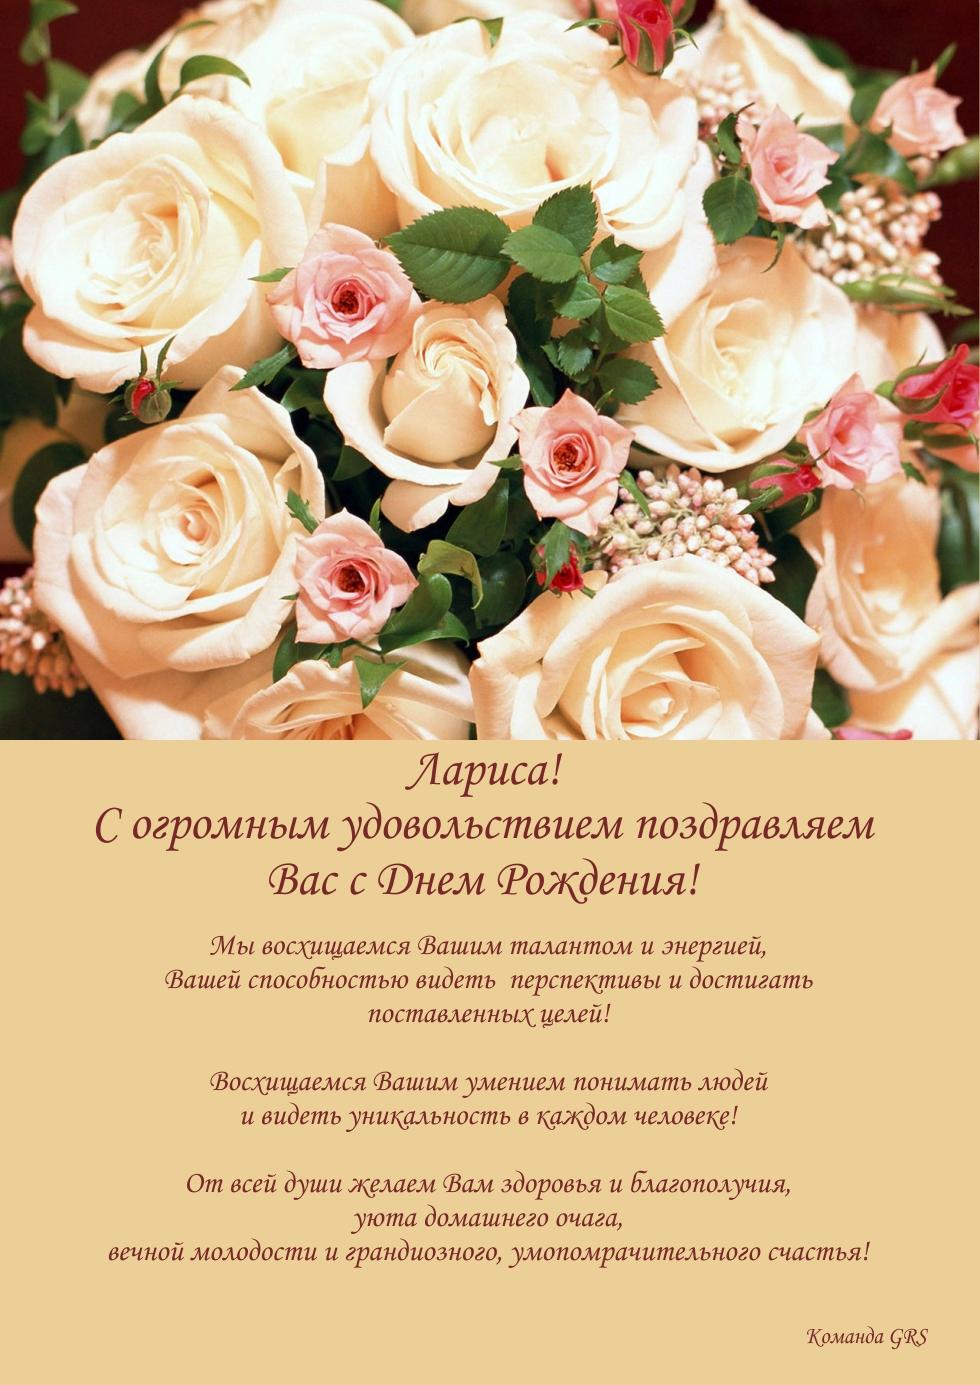 Показать поздравления днем рождения женщине